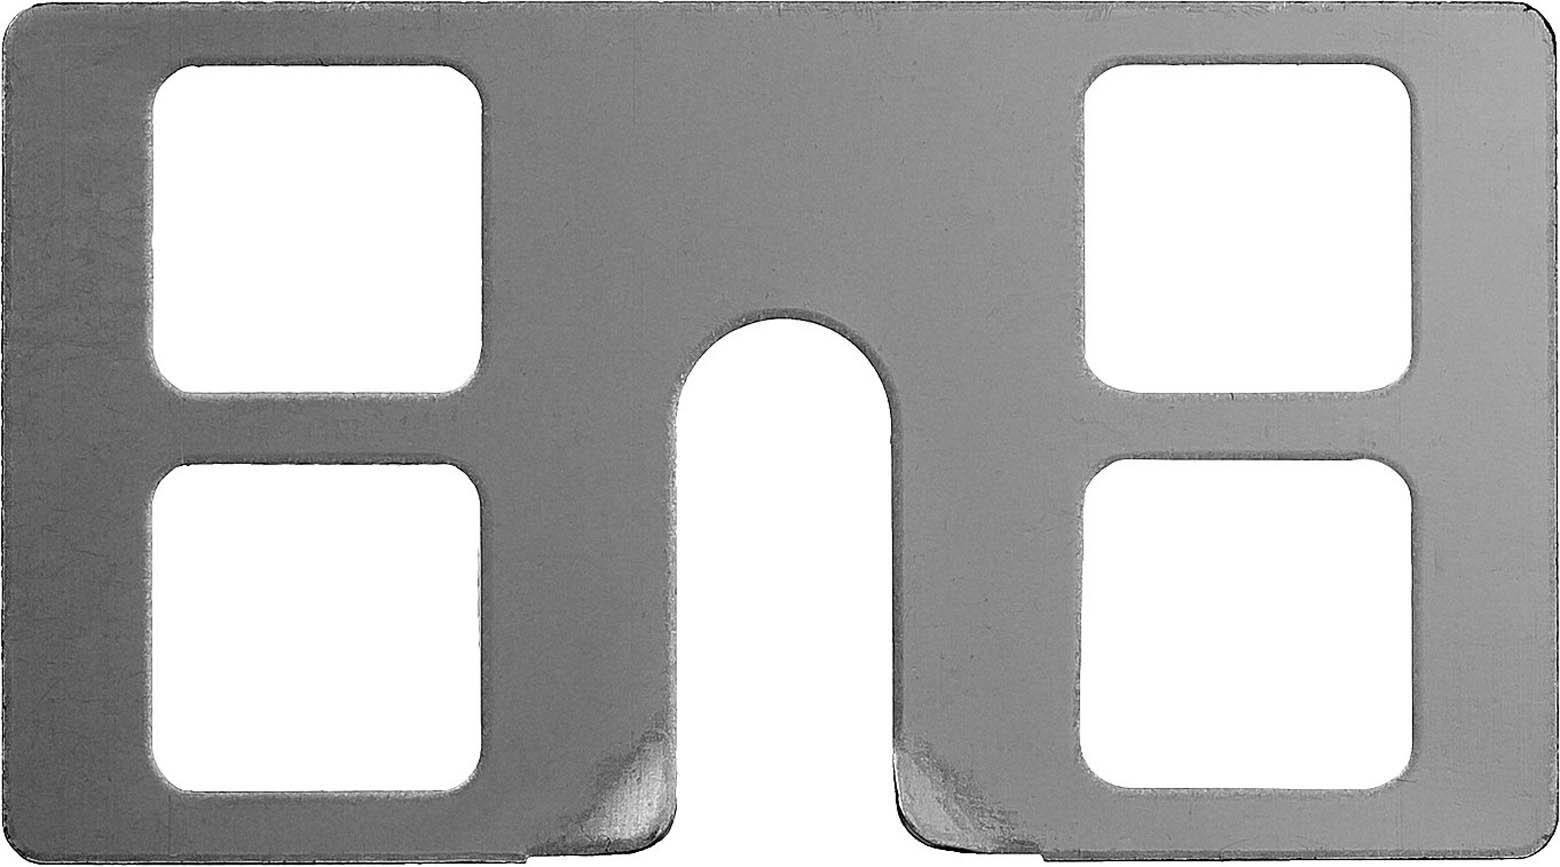 ЗУБР оцинкованная сталь, 100 шт., крепеж для маячкового профиля КРЕММЕР 30950-100 купить в интернет магазине MaxMaster по цене 0 руб. Бесплатный самовывоз в Москве, доставка. Подробное описание, инструкция к 30950-100.